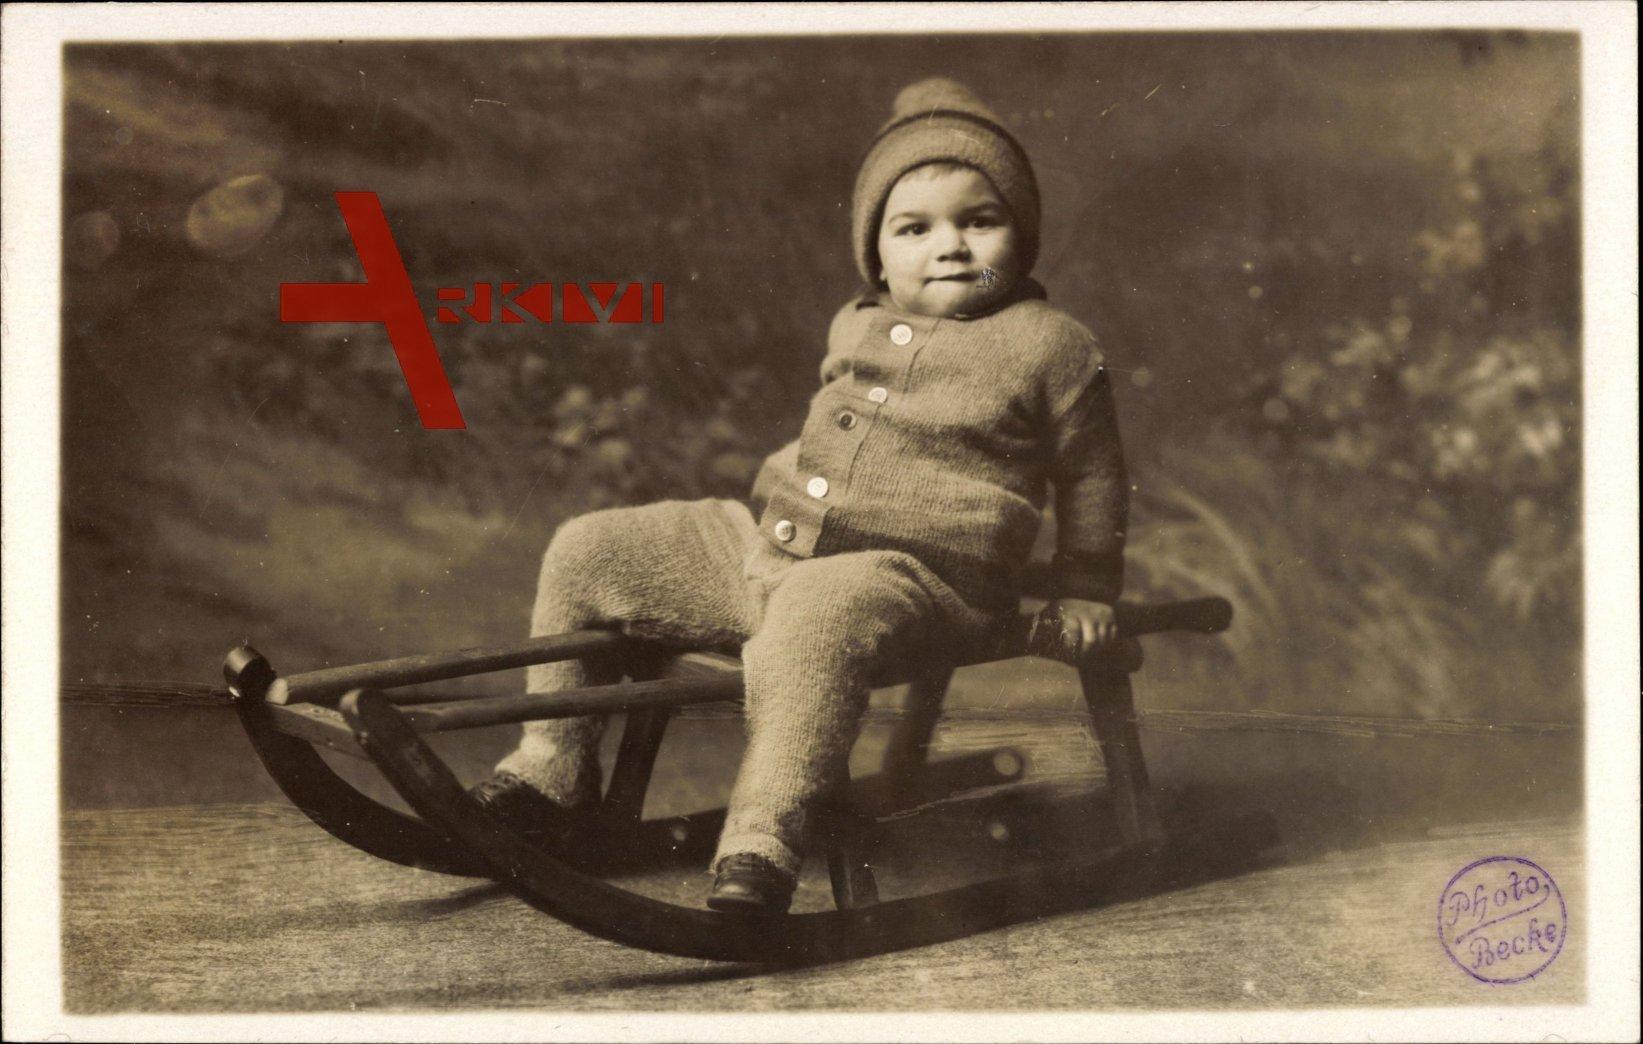 Kleiner junge auf einem Holzschlitten, Sitzportrait, Winterkleidung